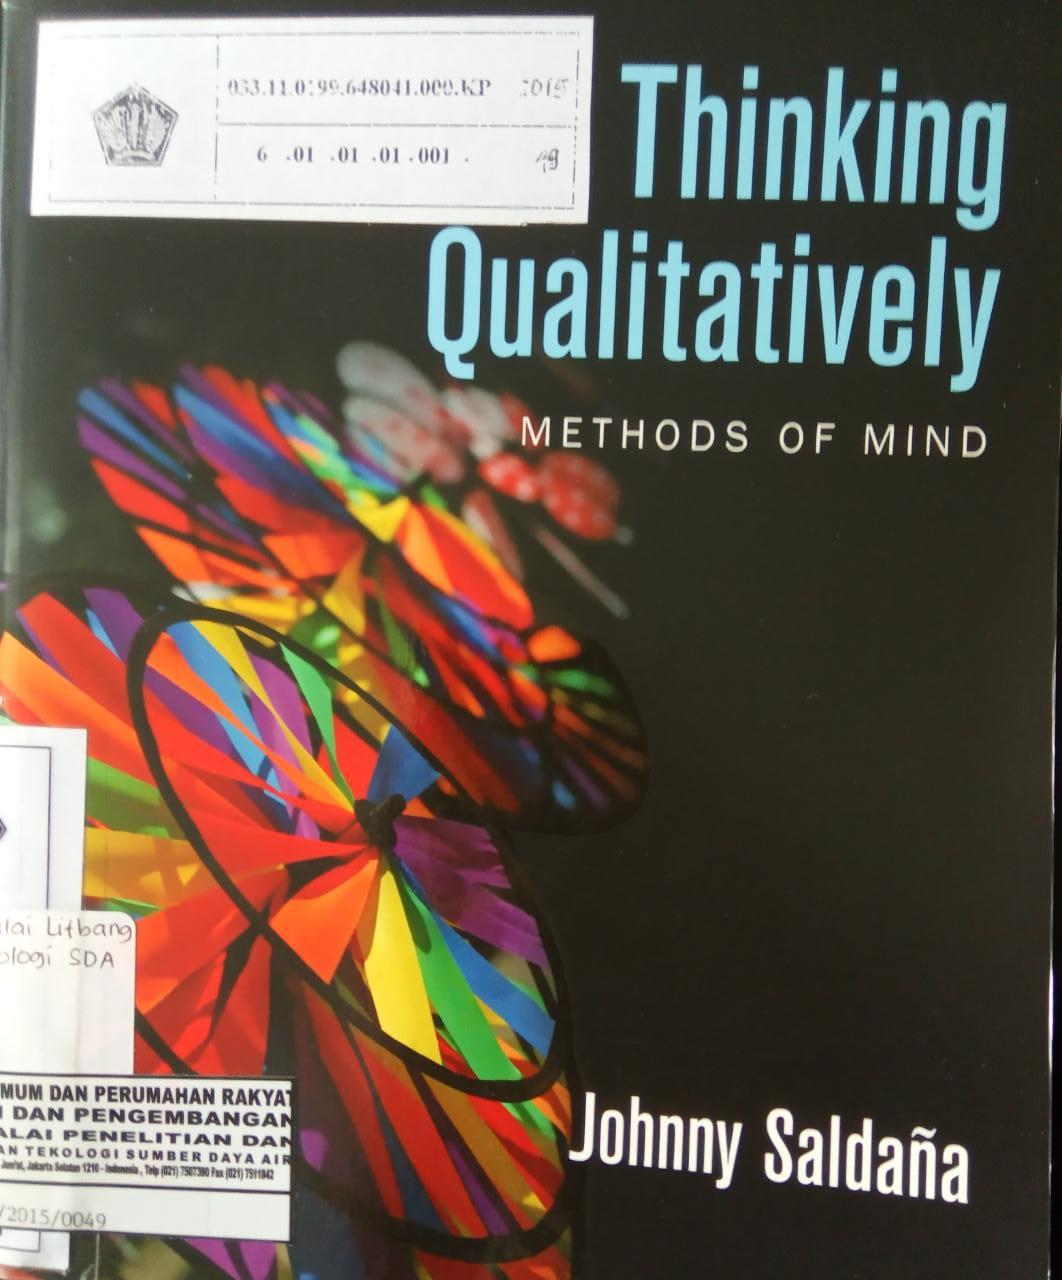 THINKING QUALITATIVELY METHODS OF MIND